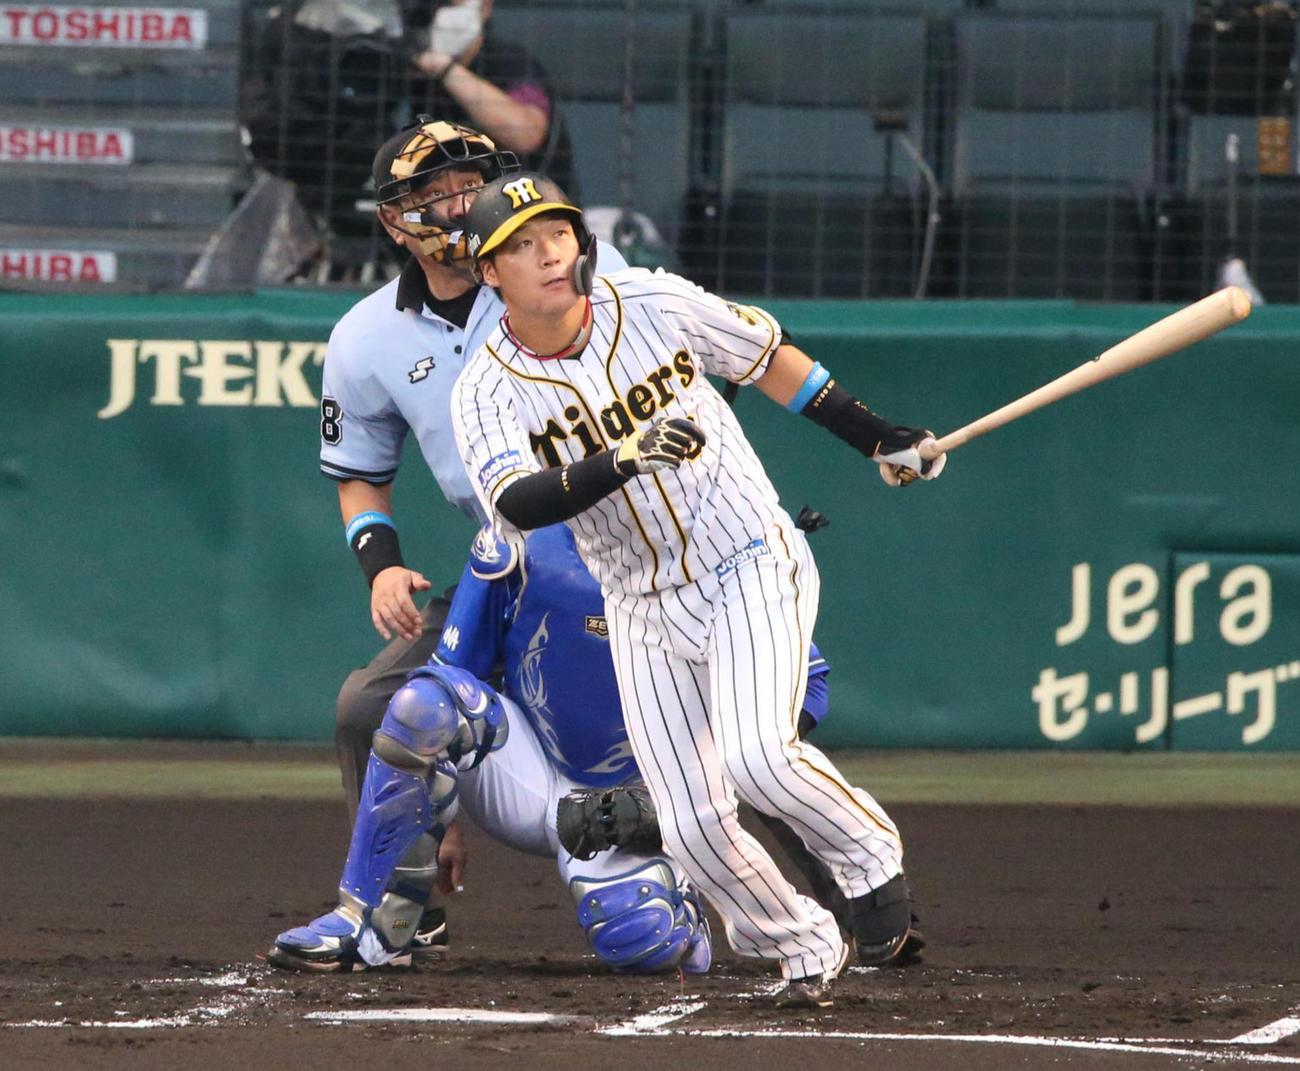 阪神対DeNA 1回裏阪神1死、大山は左越え本塁打を放つ(撮影・上山淳一)